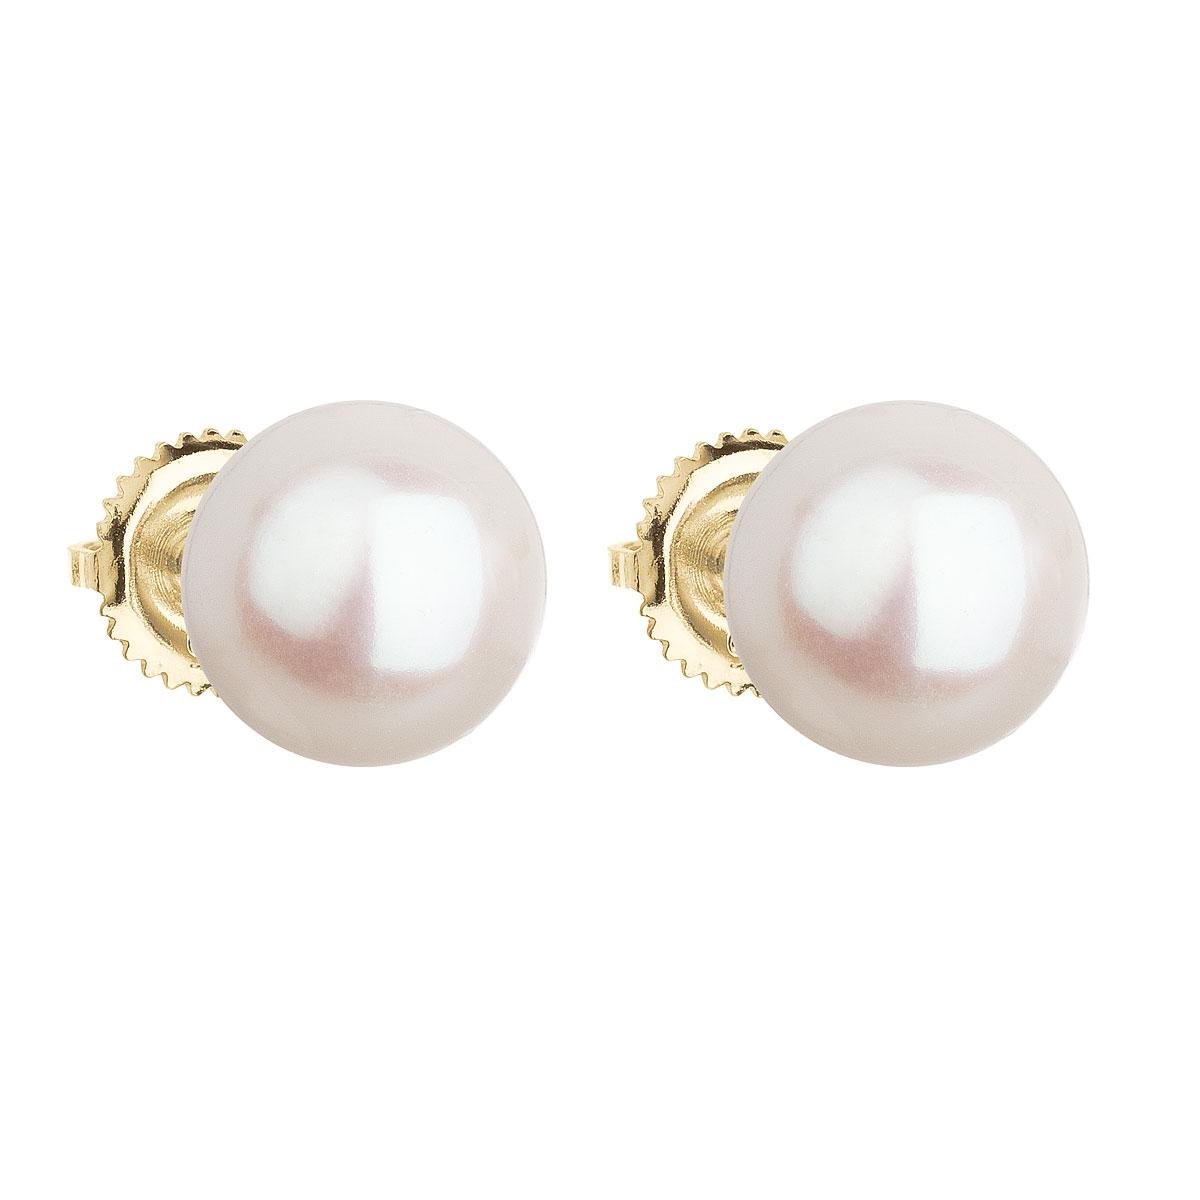 Zlaté 14ti karátové náušnice s bílou říční perlou EGZ006-WH